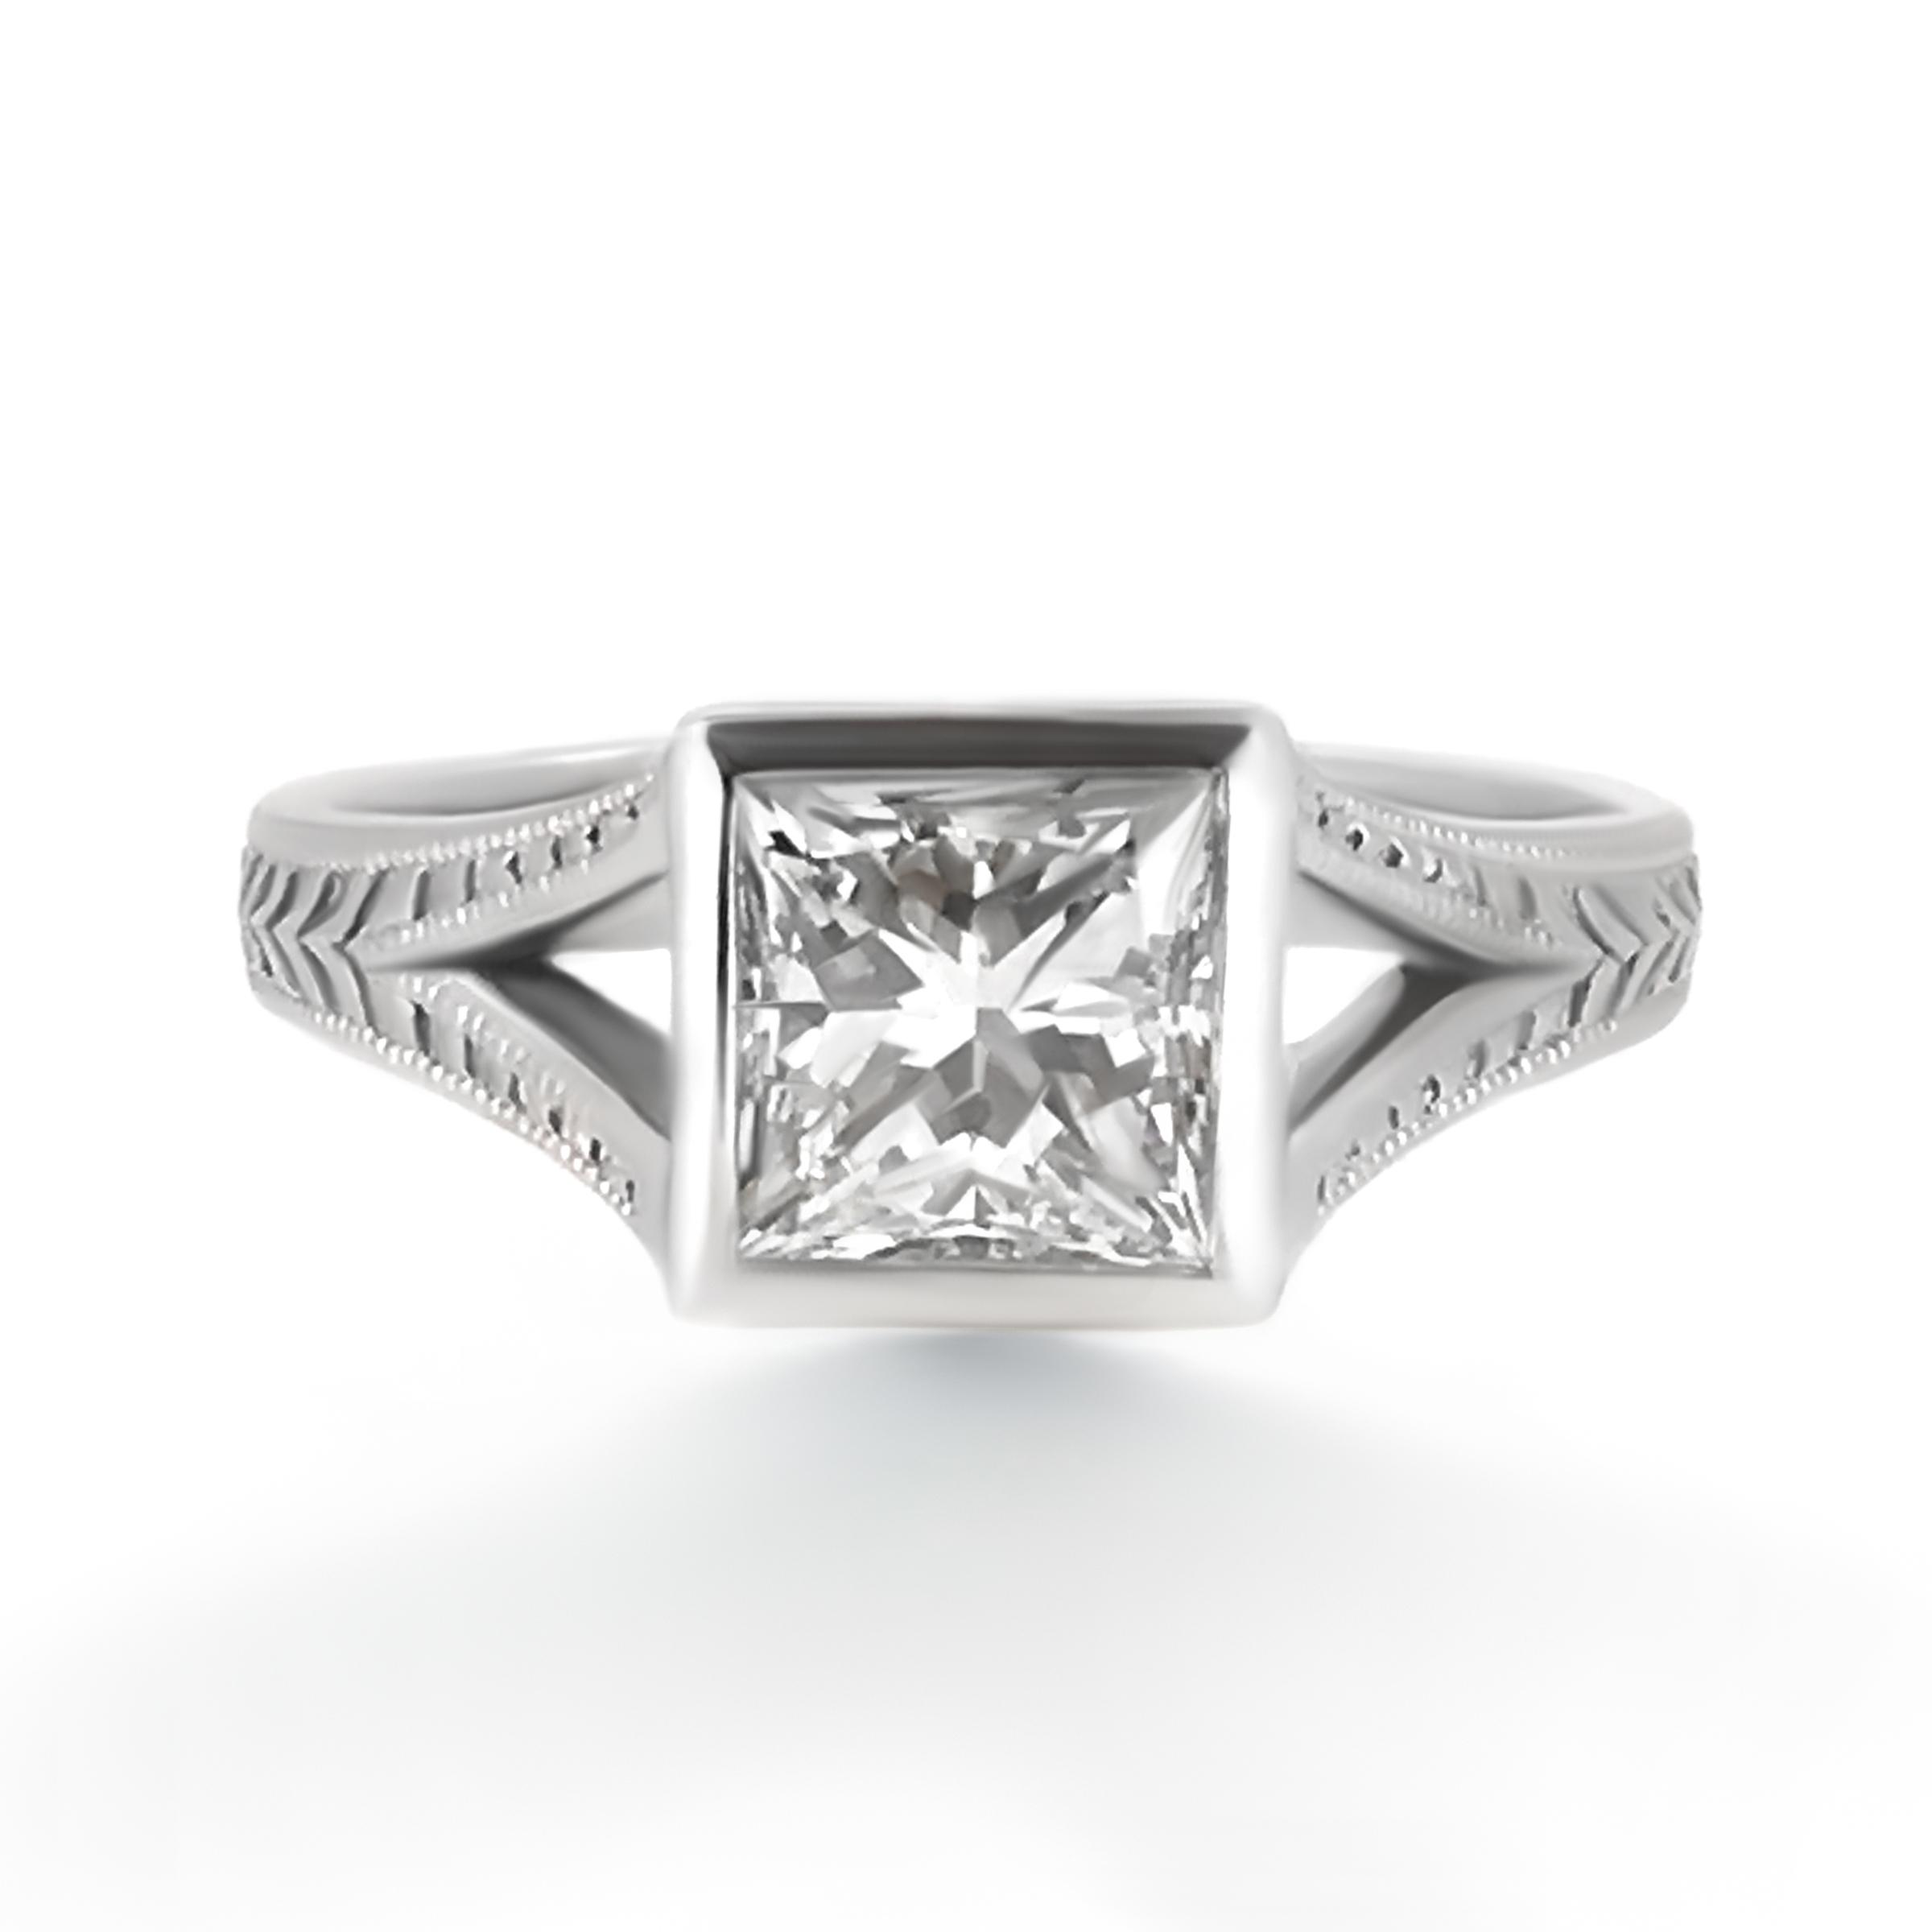 princess cut diamond ring- haywards of hong kong